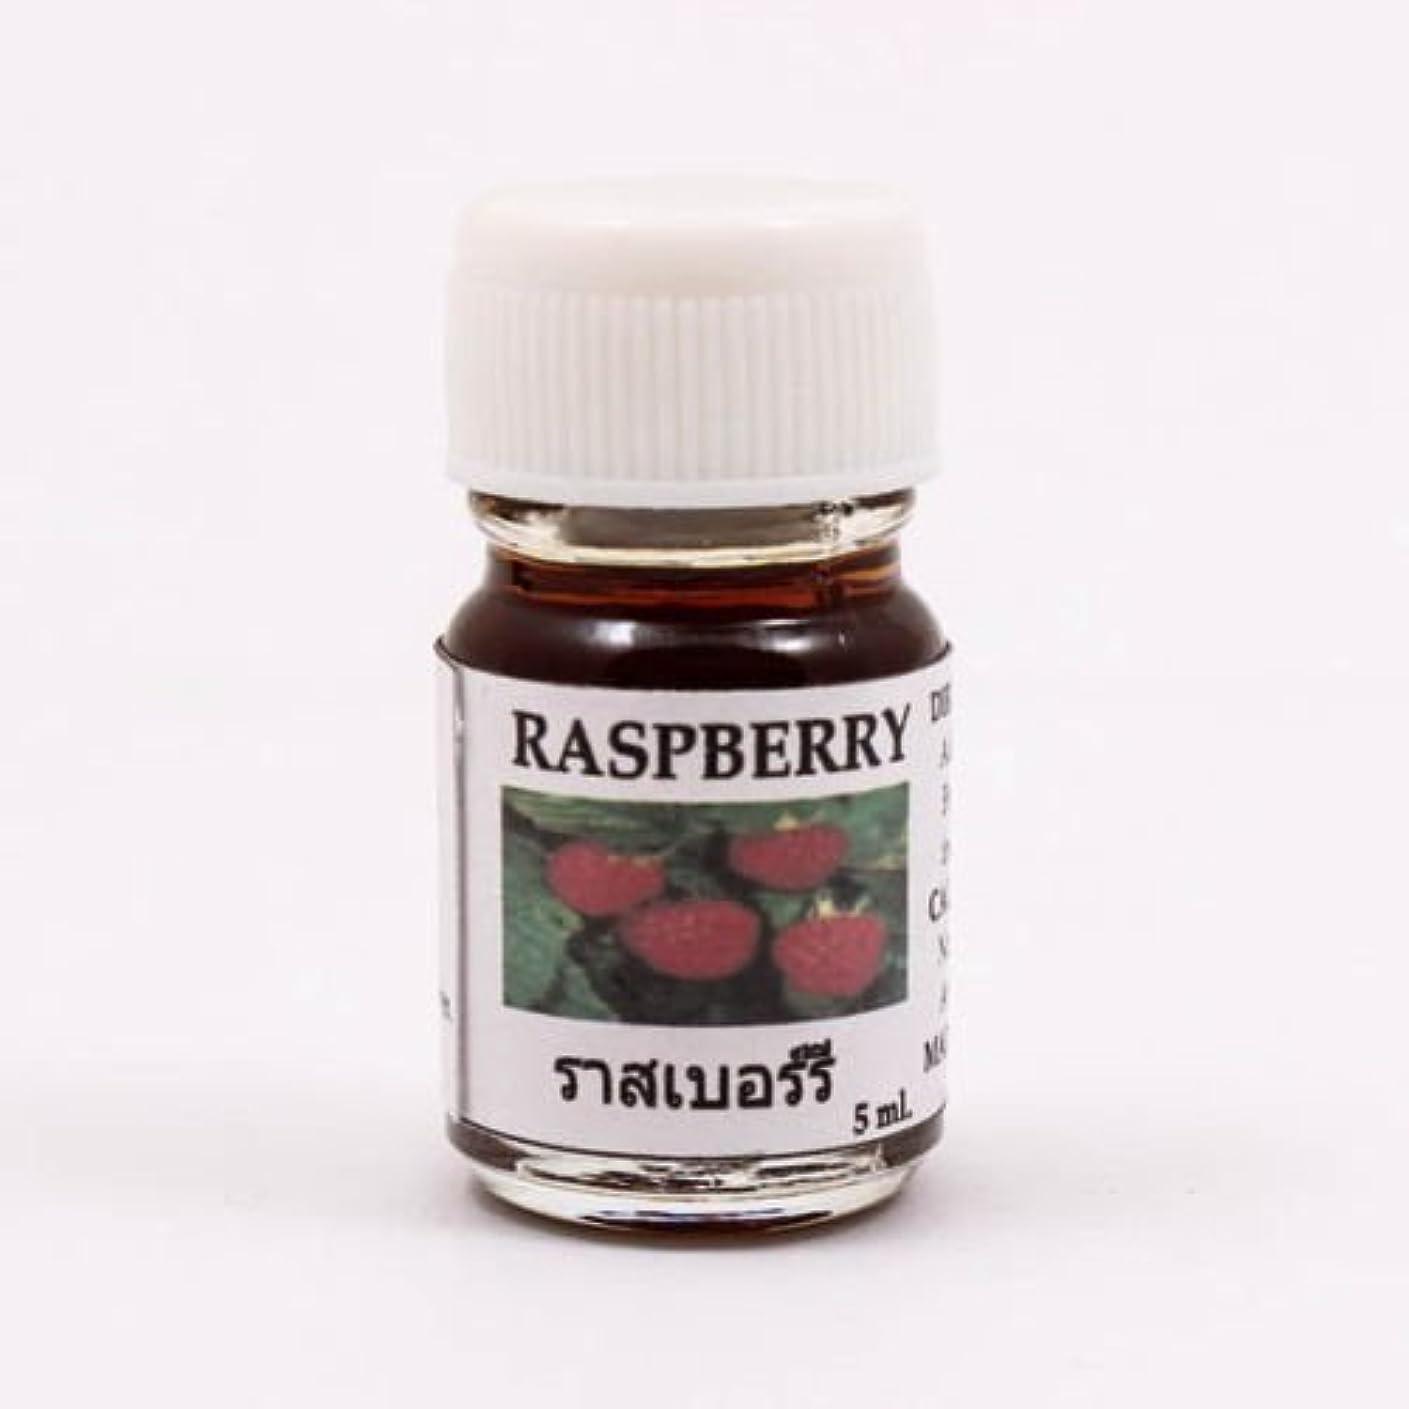 否認する細分化する飼い慣らす6X Raspberry Aroma Fragrance Essential Oil 5ML cc Diffuser Burner Therapy